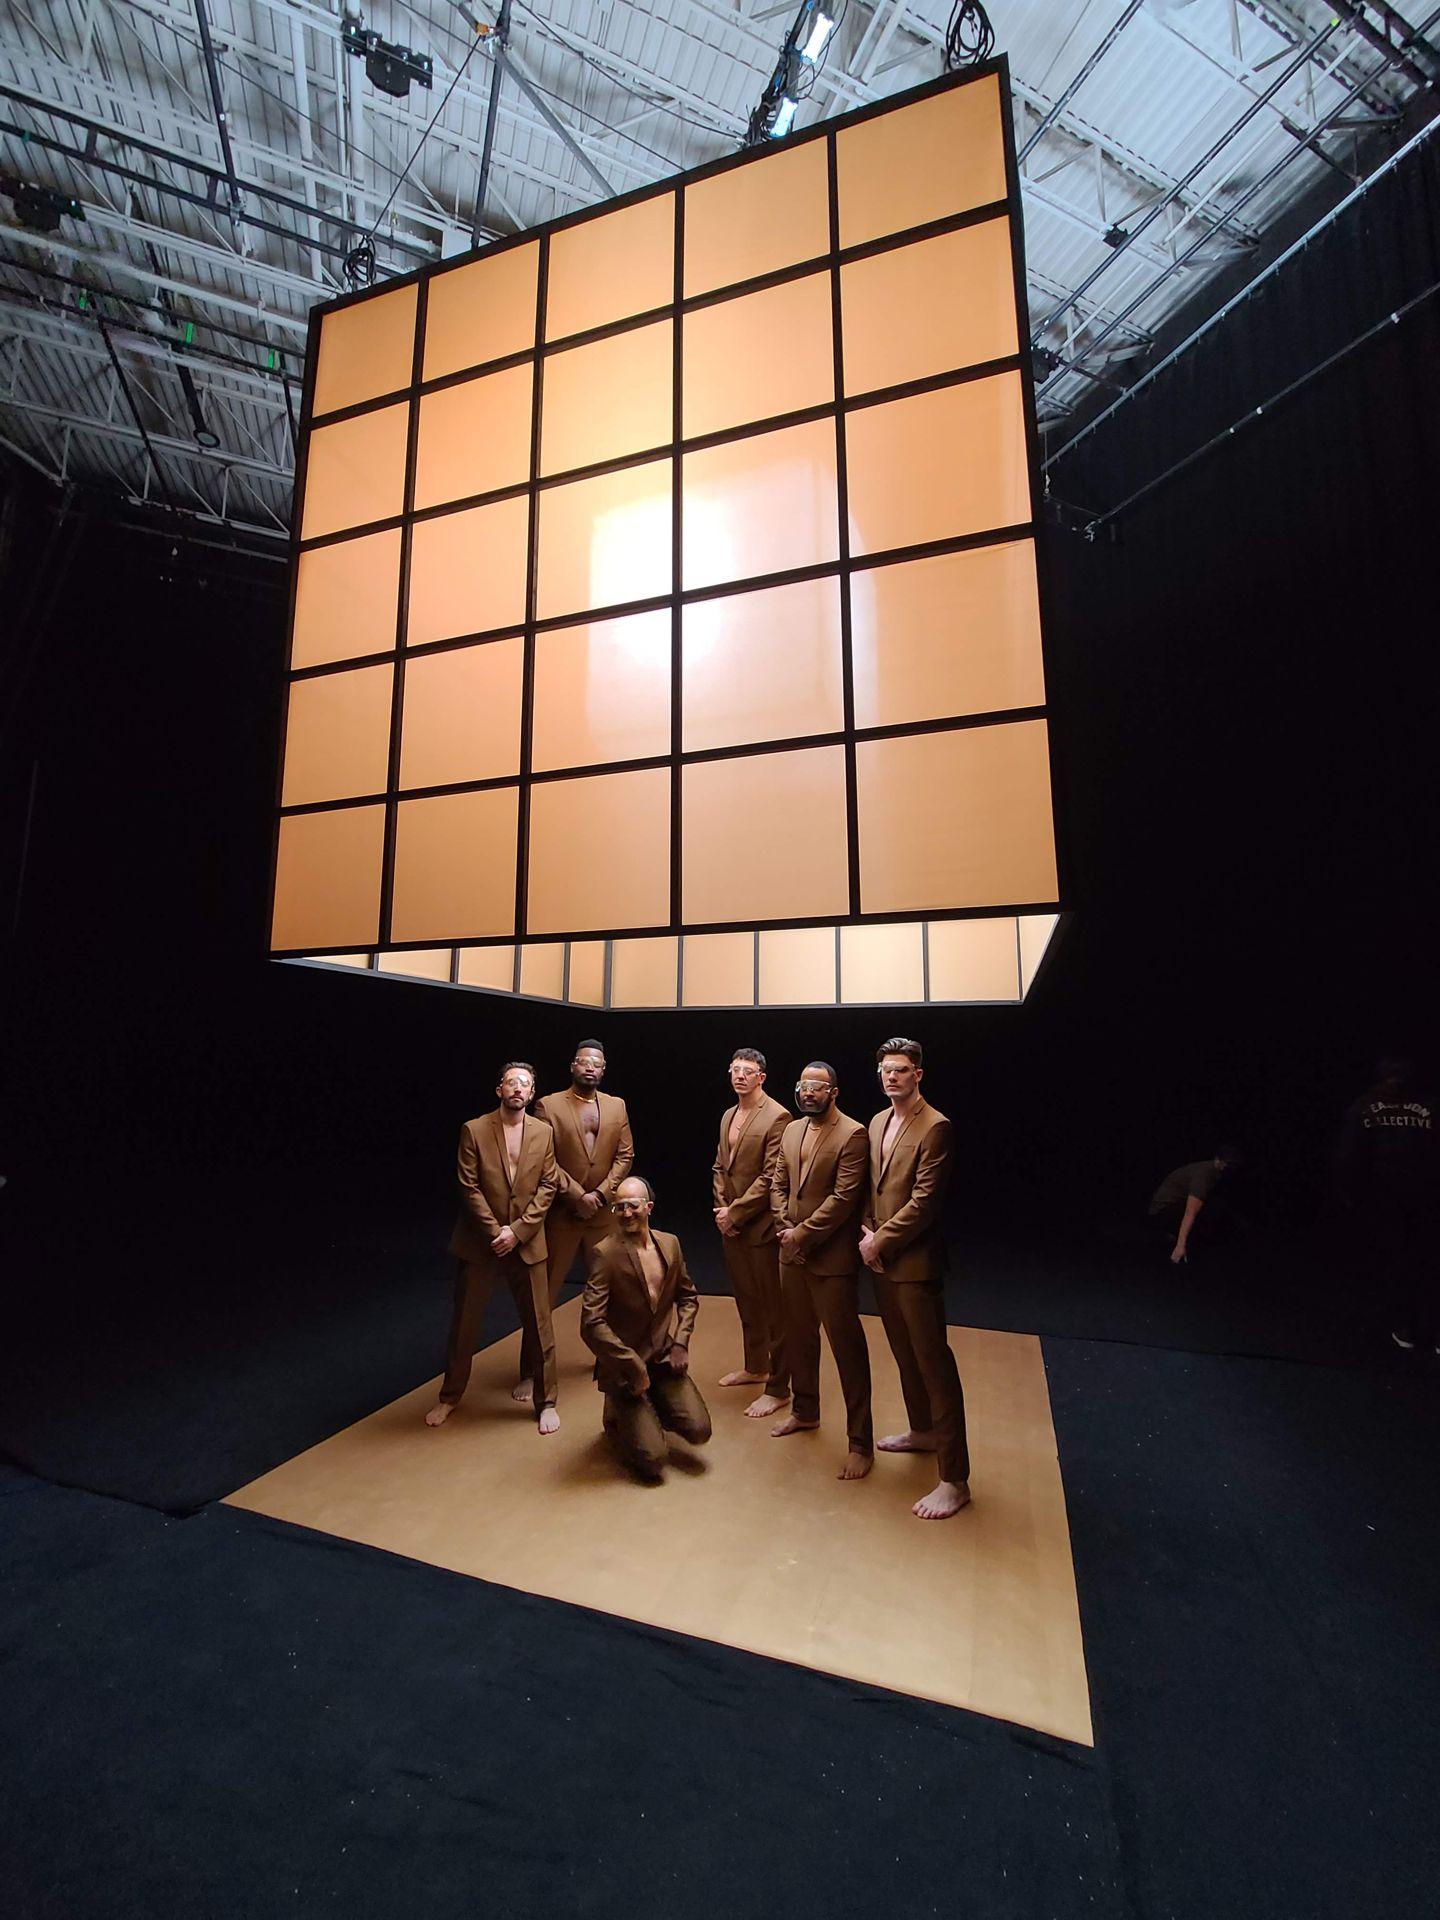 Photo des coulisses avec des danseurs portant des costumes beiges posant sous un grand cube éclairé dans un studio noir.